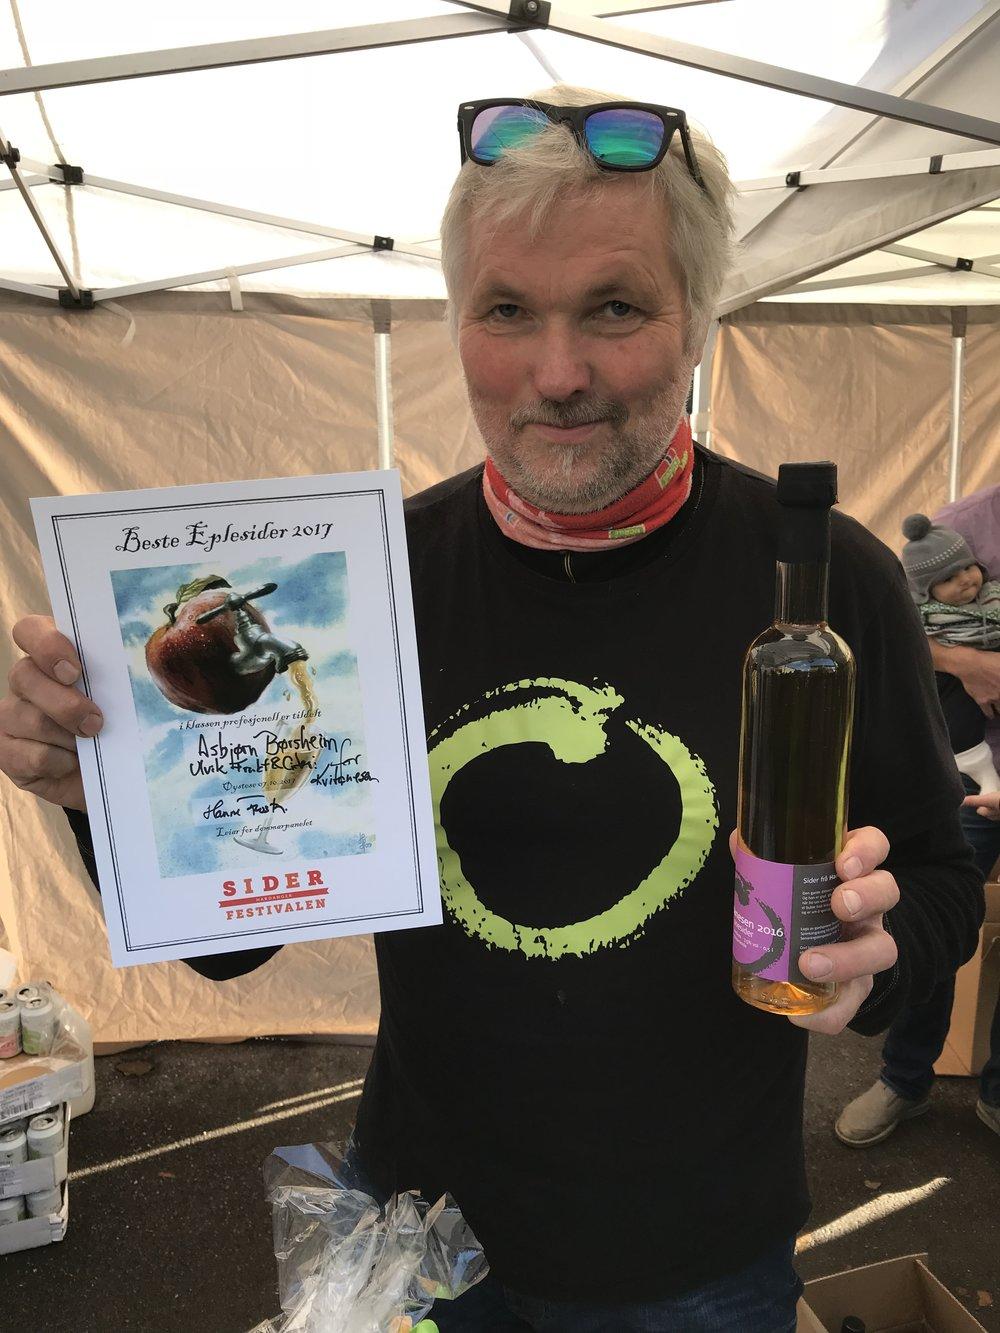 Vinner Asbjørn Børsheim Ulvik Frukt & Cideri. Fotograf Siderfestivalen